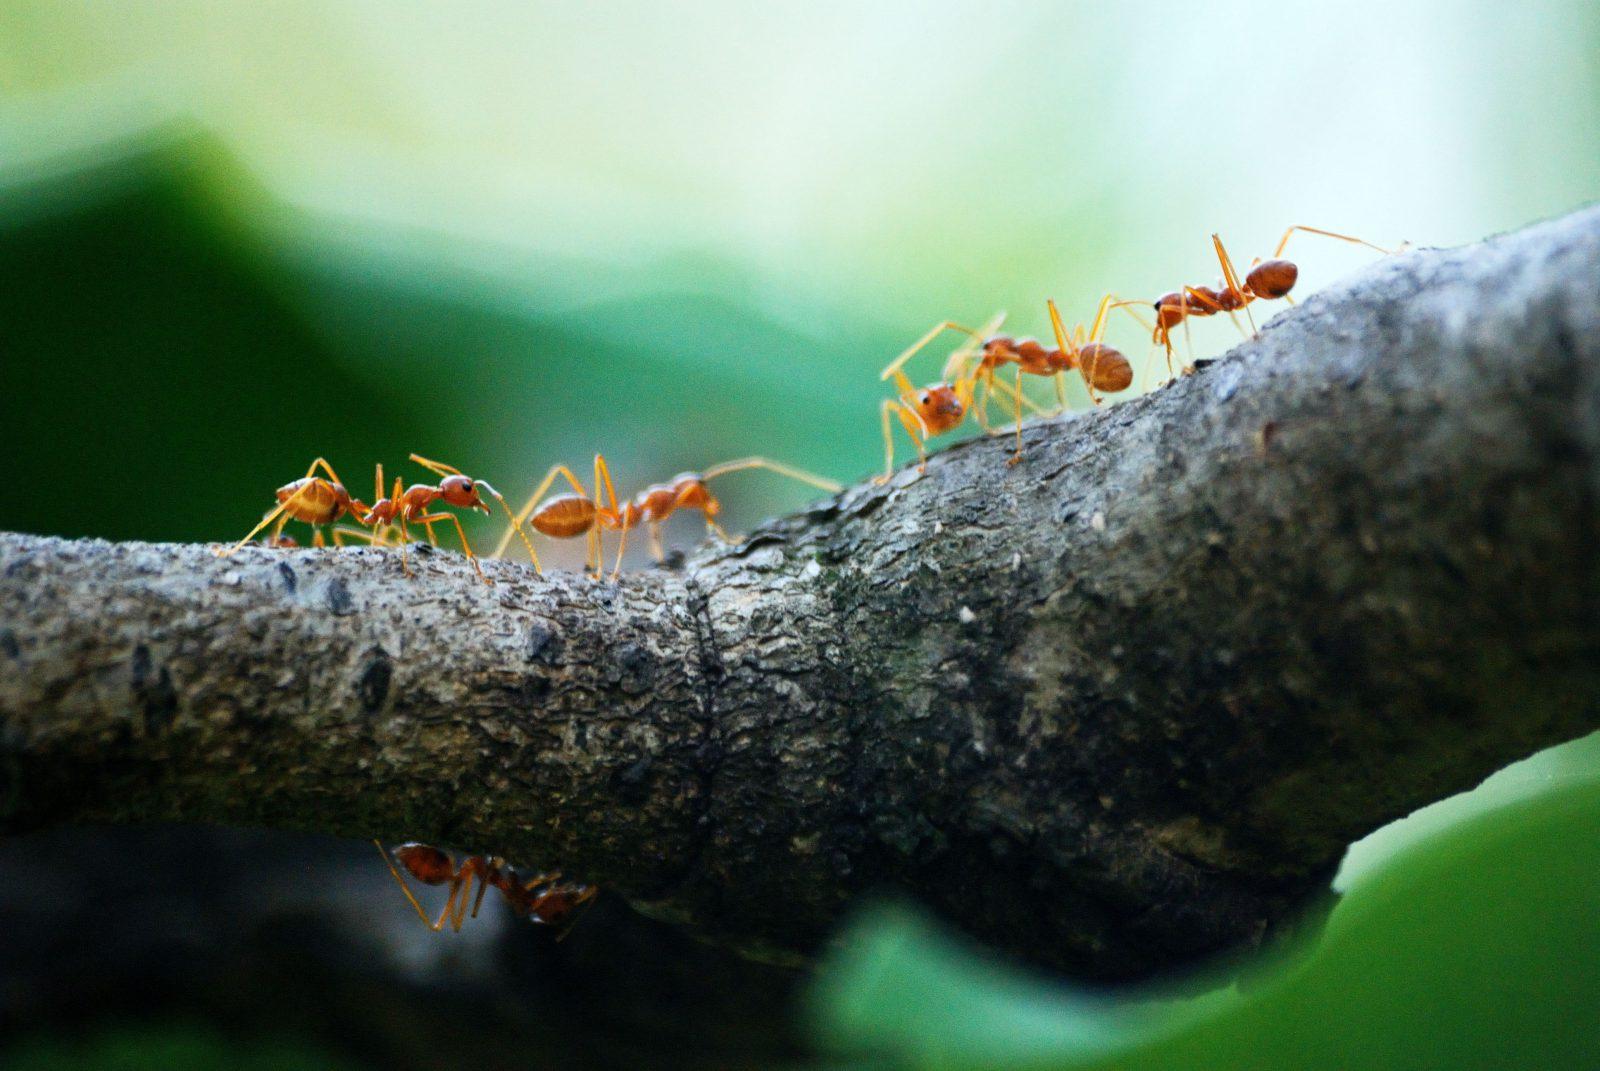 A formiga leva dias para formar uma colônia.